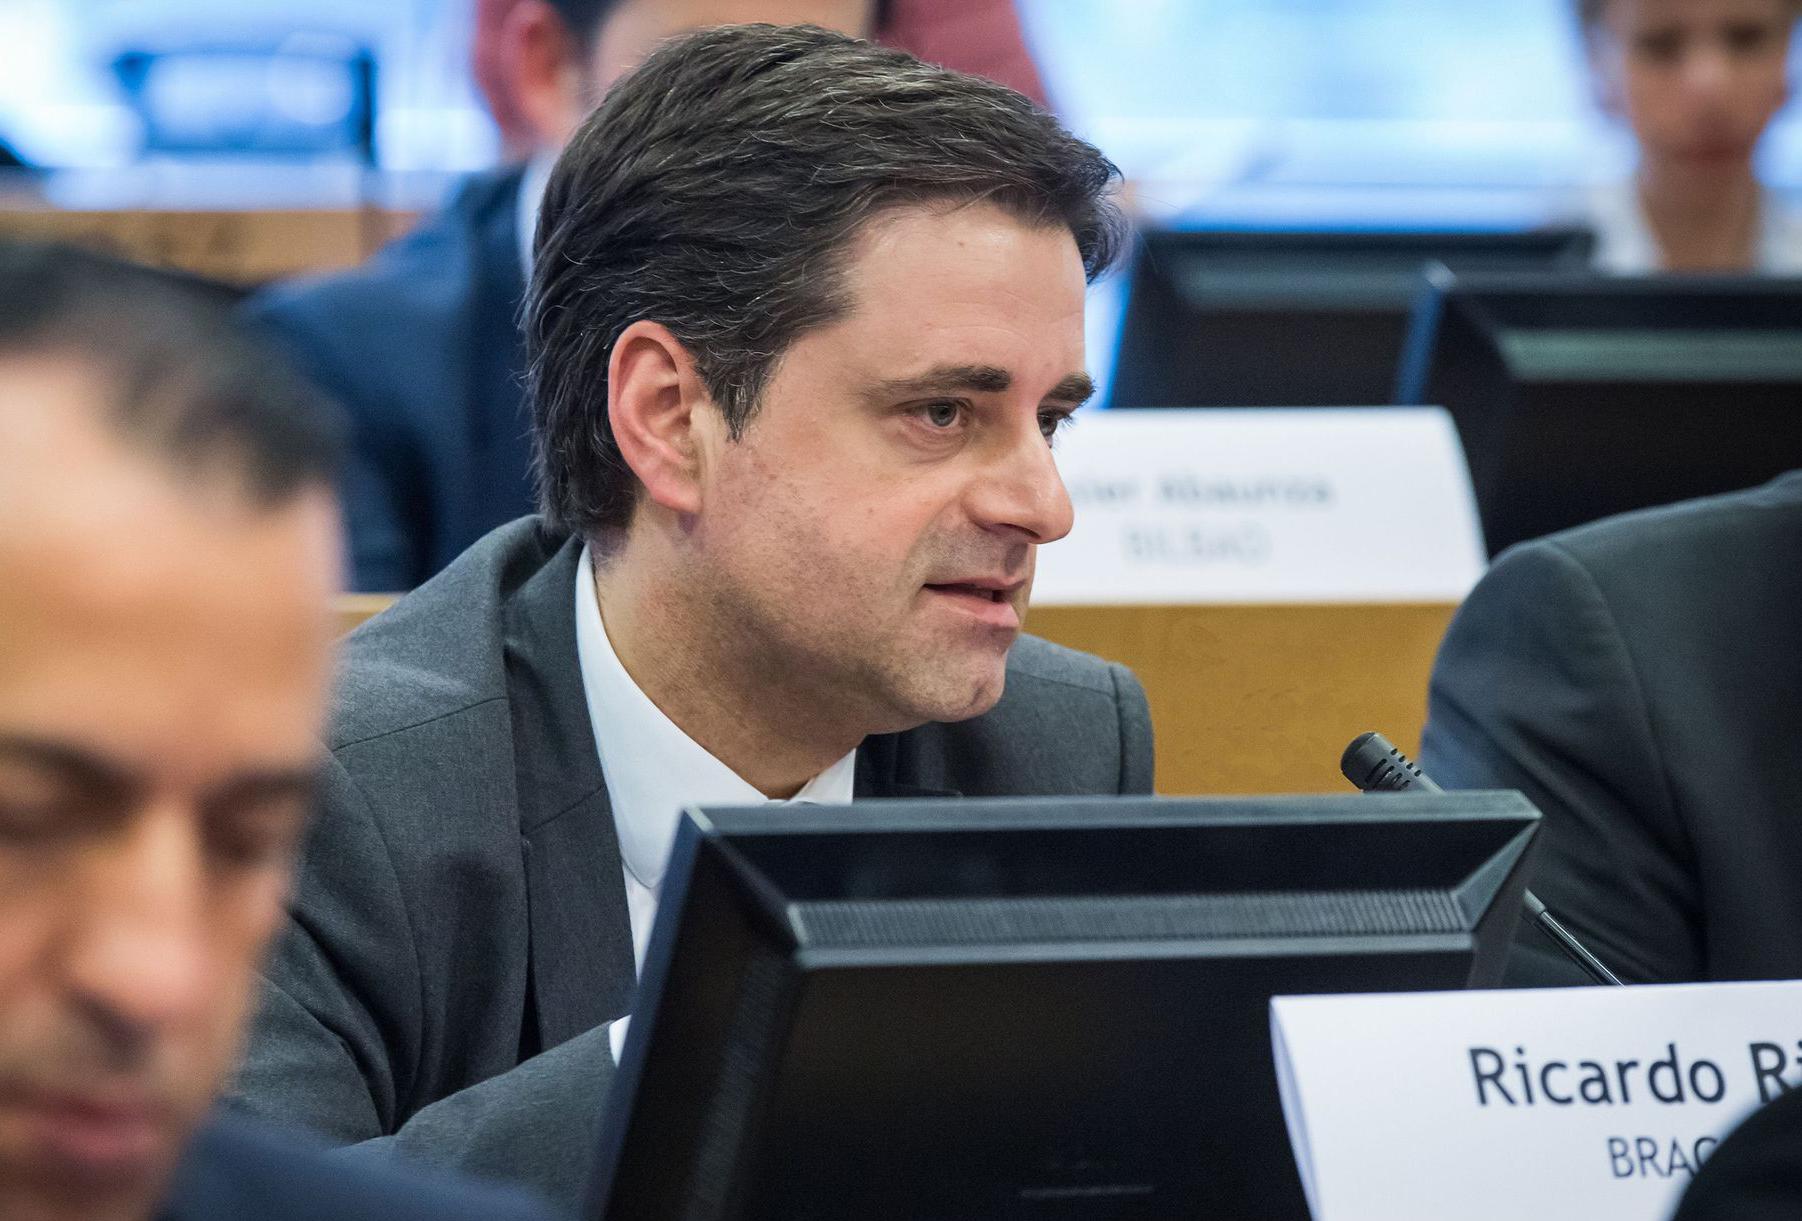 Ricardo Rio destaca capacidade de Braga em incorporar a Sustentabilidade em todas as áreas de actuação